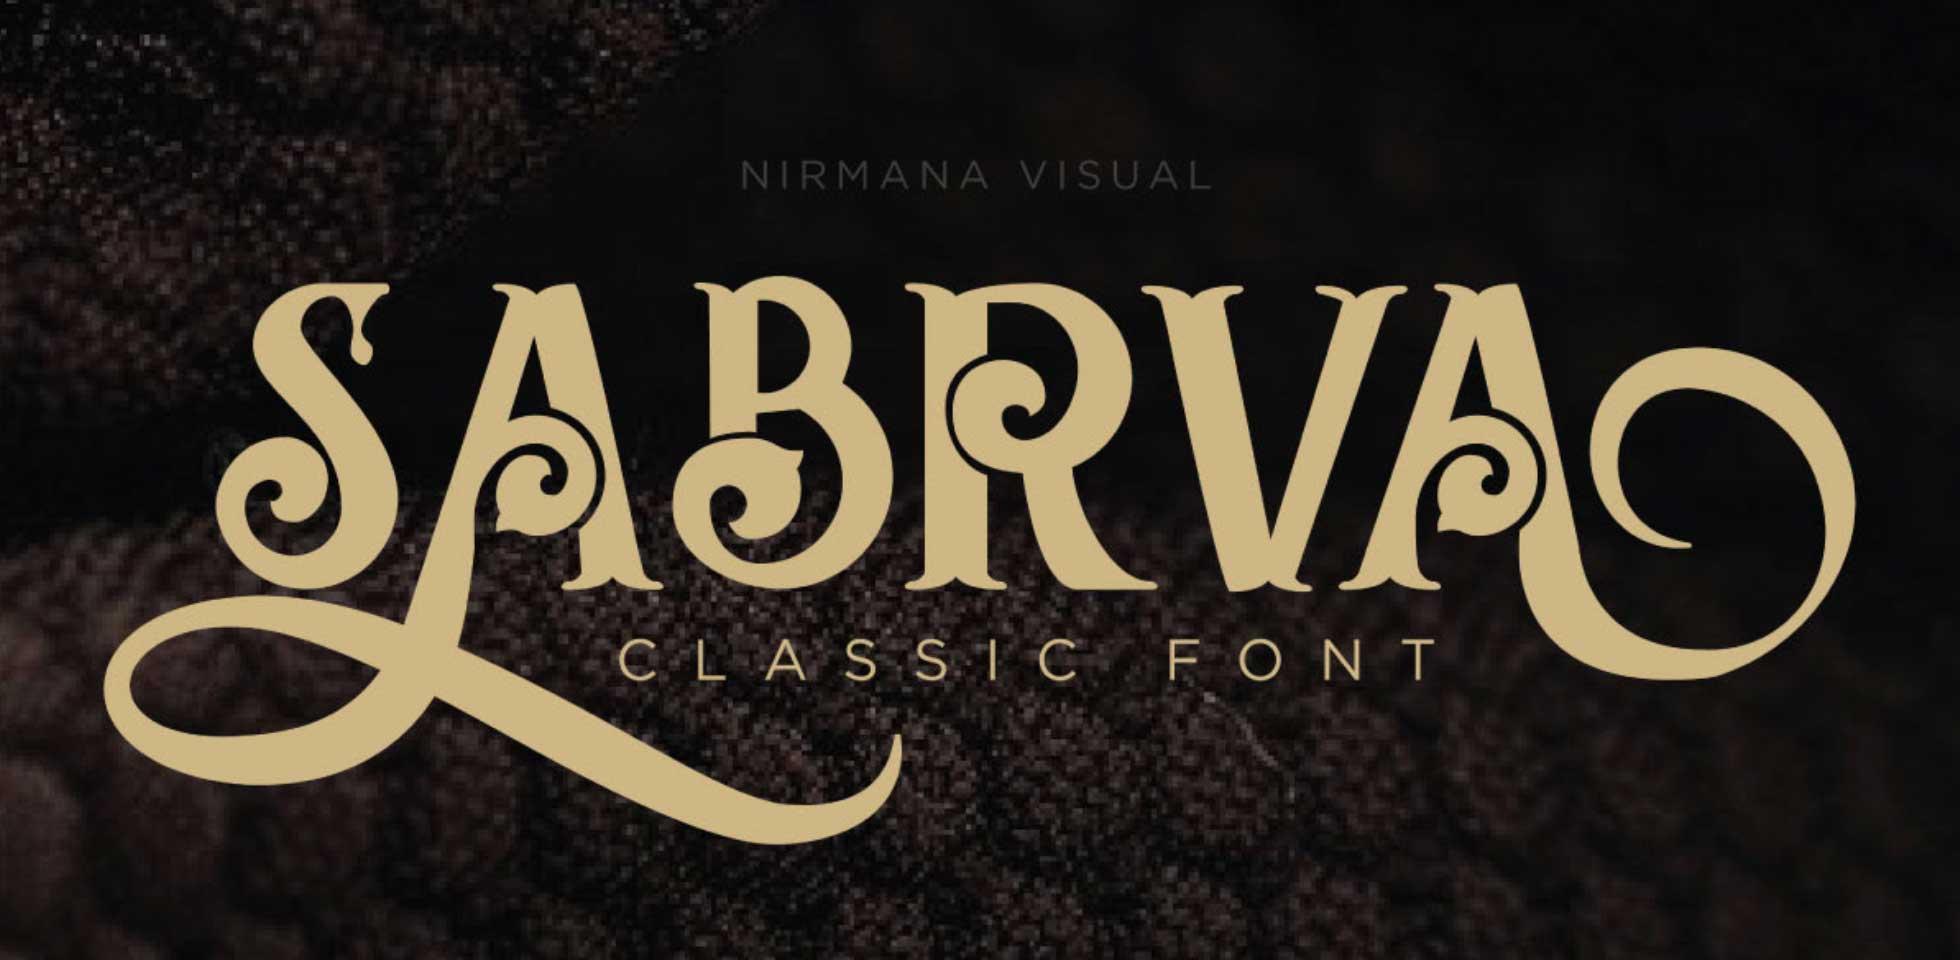 Free Download: Sabrva Classic Font